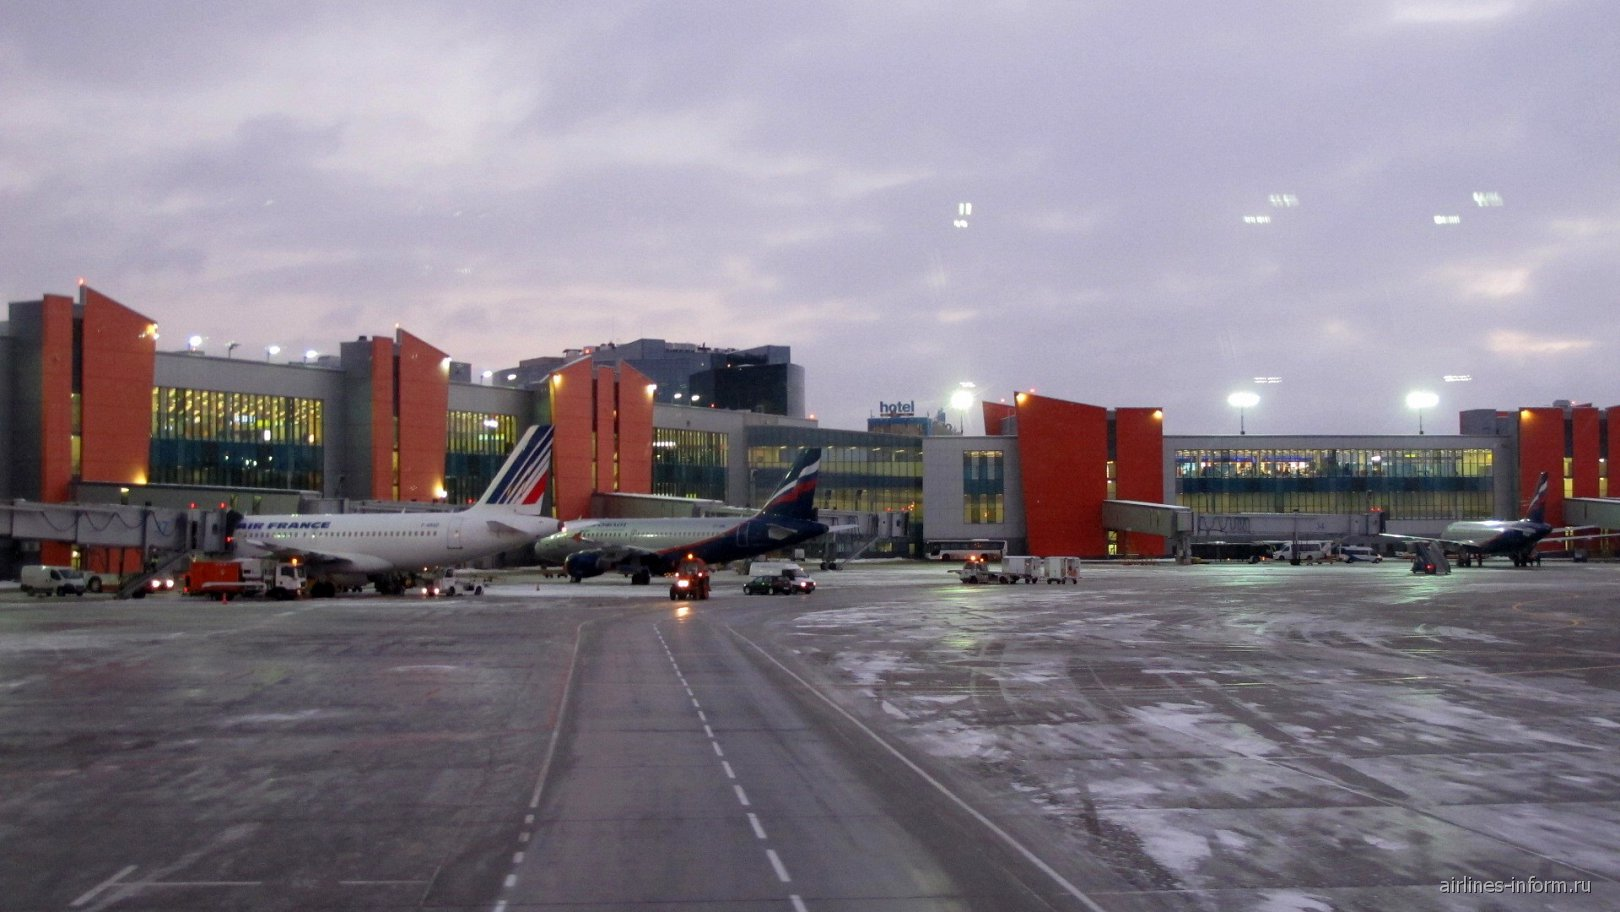 Терминал Е аэропорта Москва Шереметьево